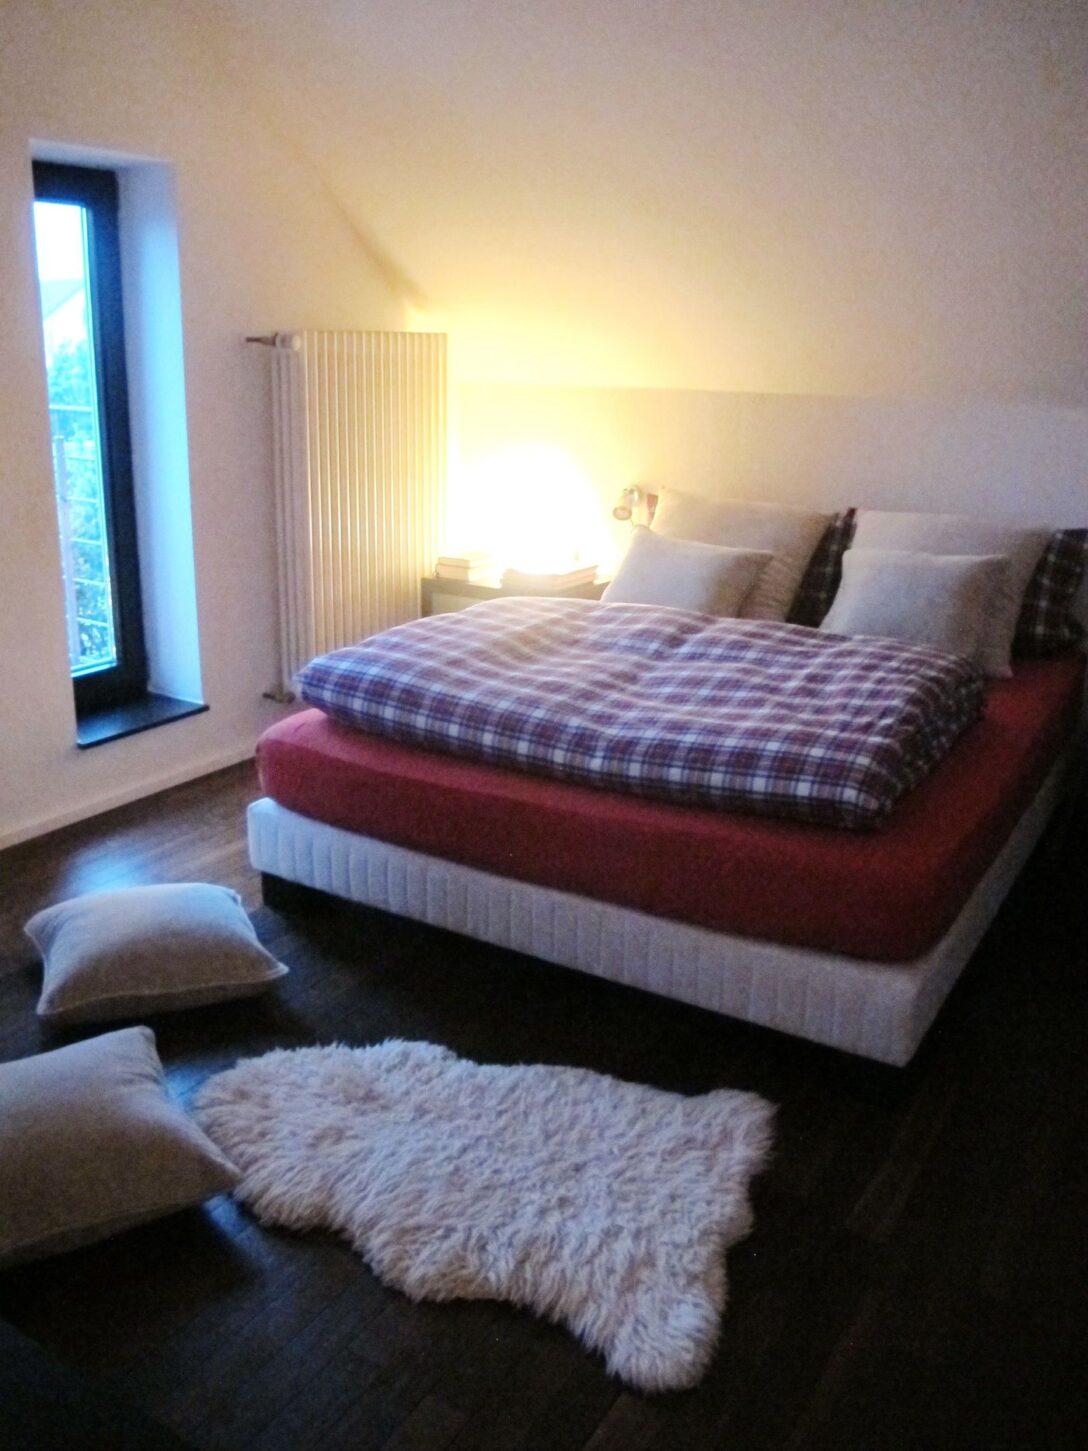 Large Size of Betten 180x200 Münster Massivholz Jabo Gebrauchte Hülsta Amazon Günstige 140x200 Wohnzimmer Octopus Betten